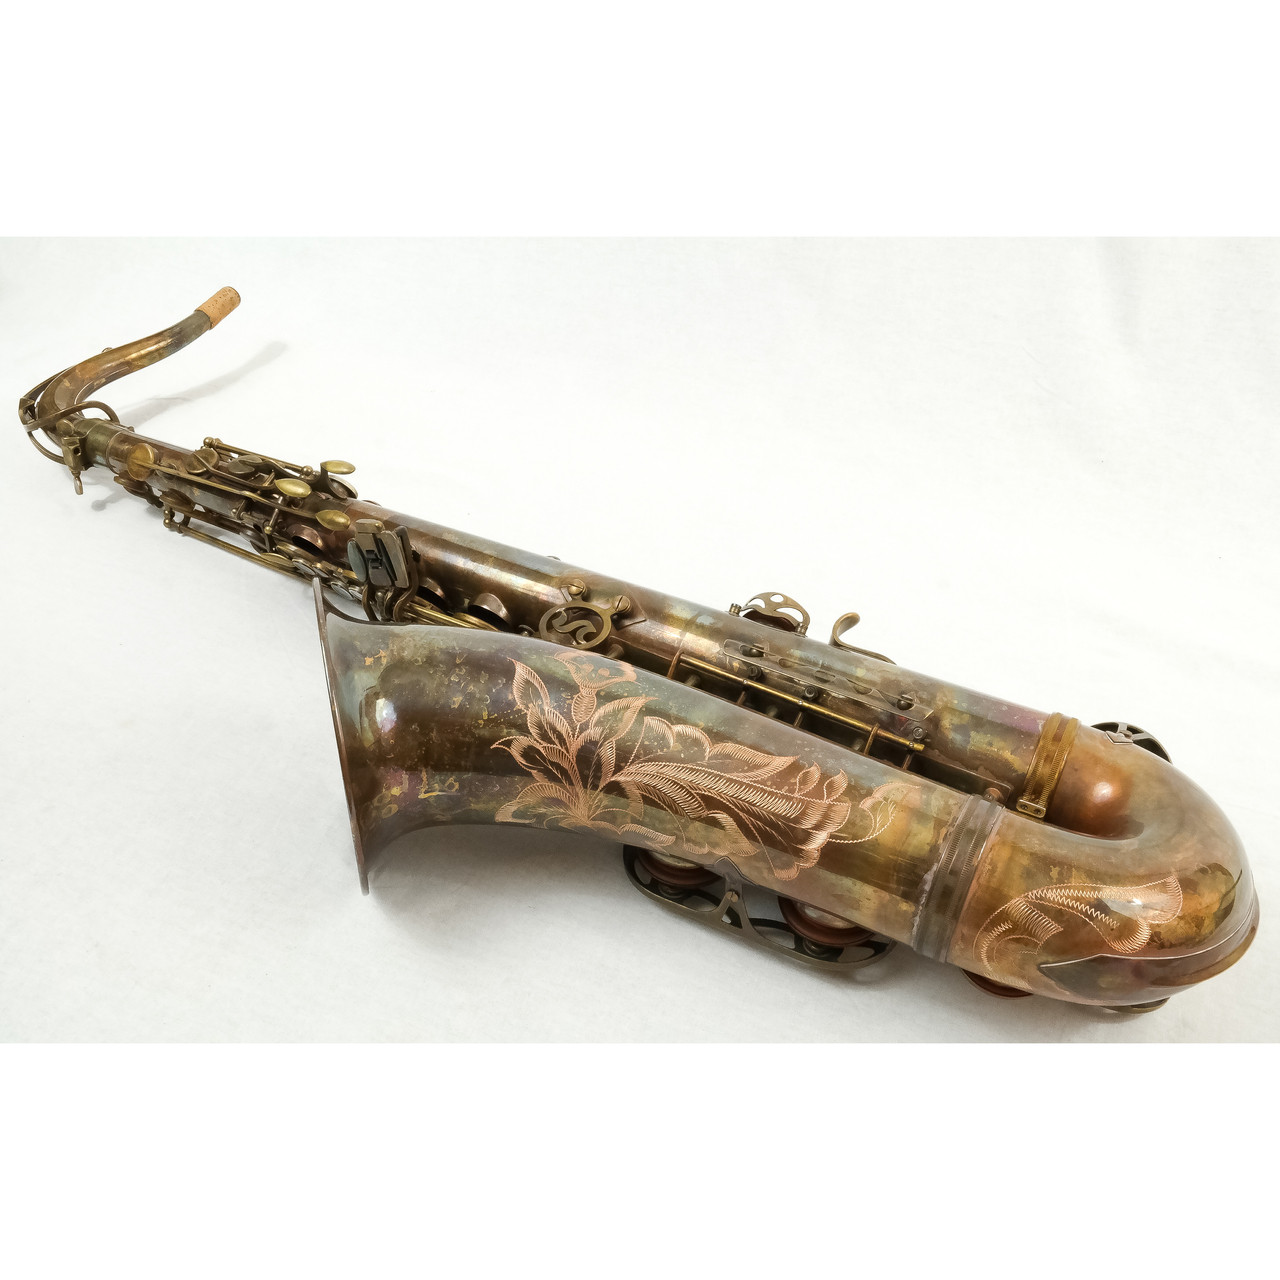 conn selmer 380 tenor sax 3